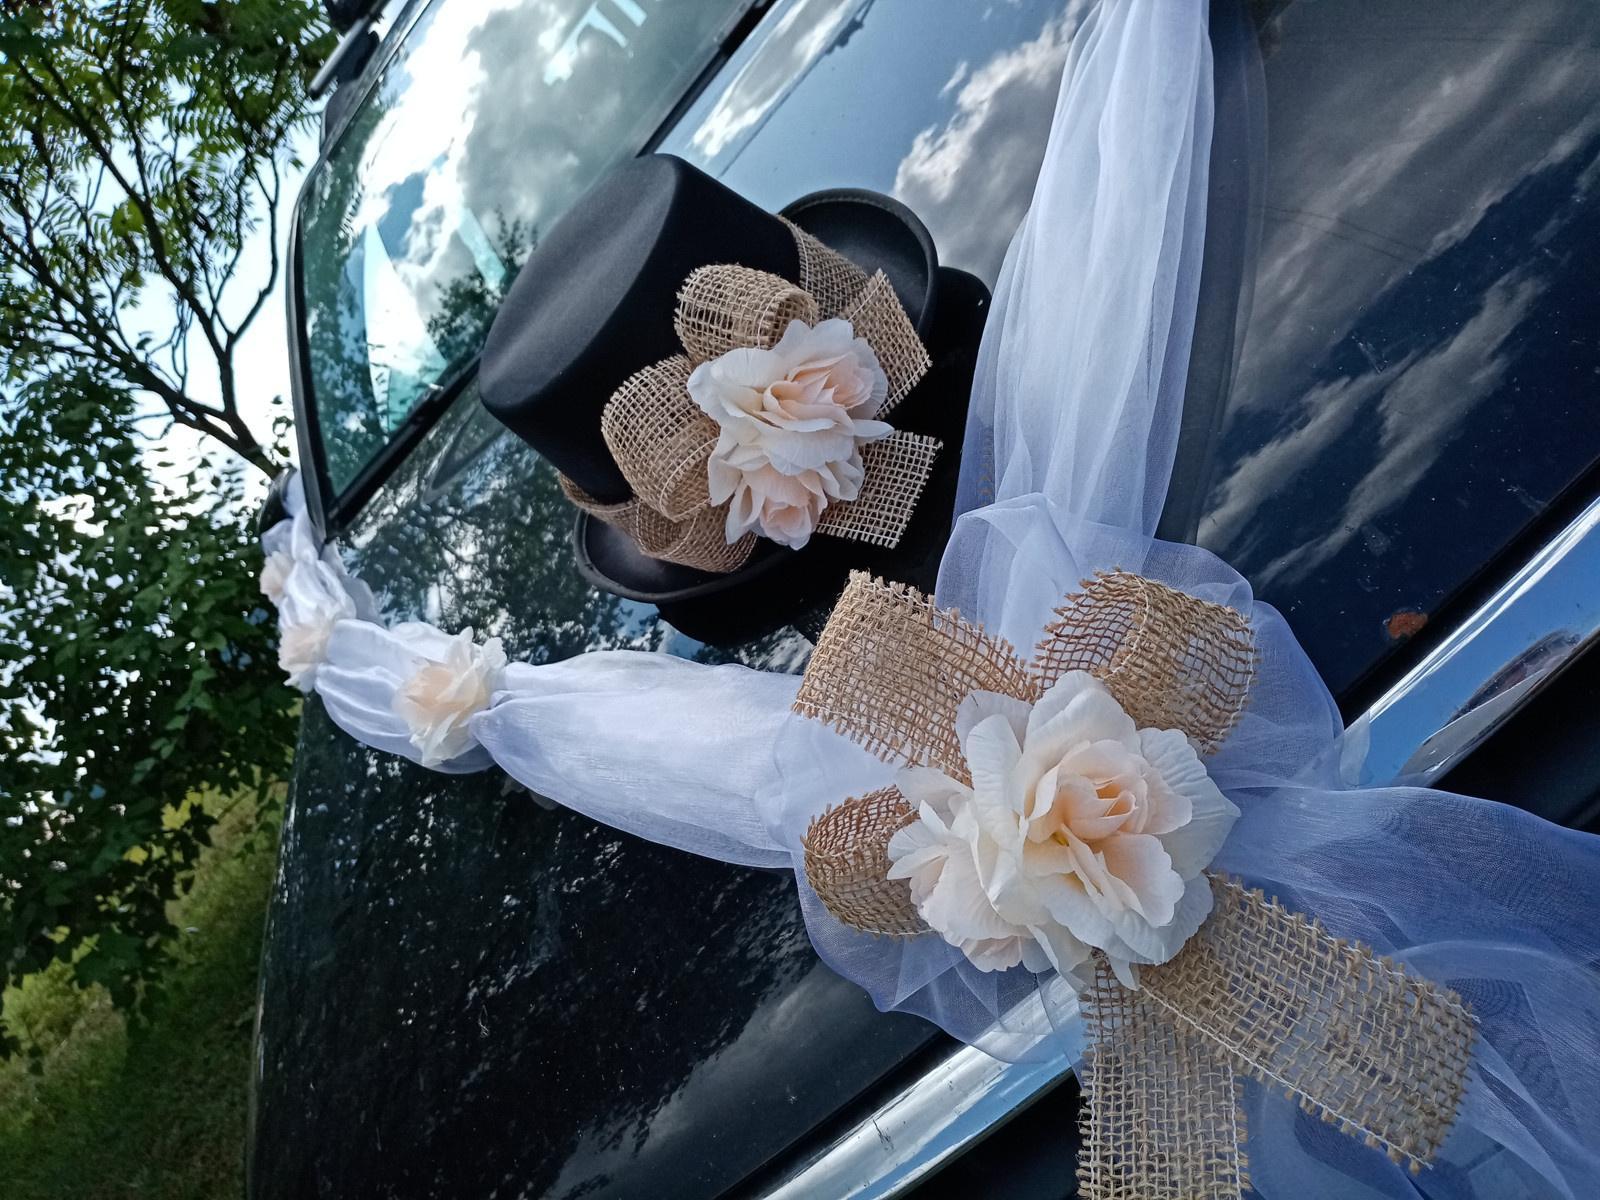 Svatební dekorace, výzdoba na auto ženicha CYLINDR - Obrázek č. 1